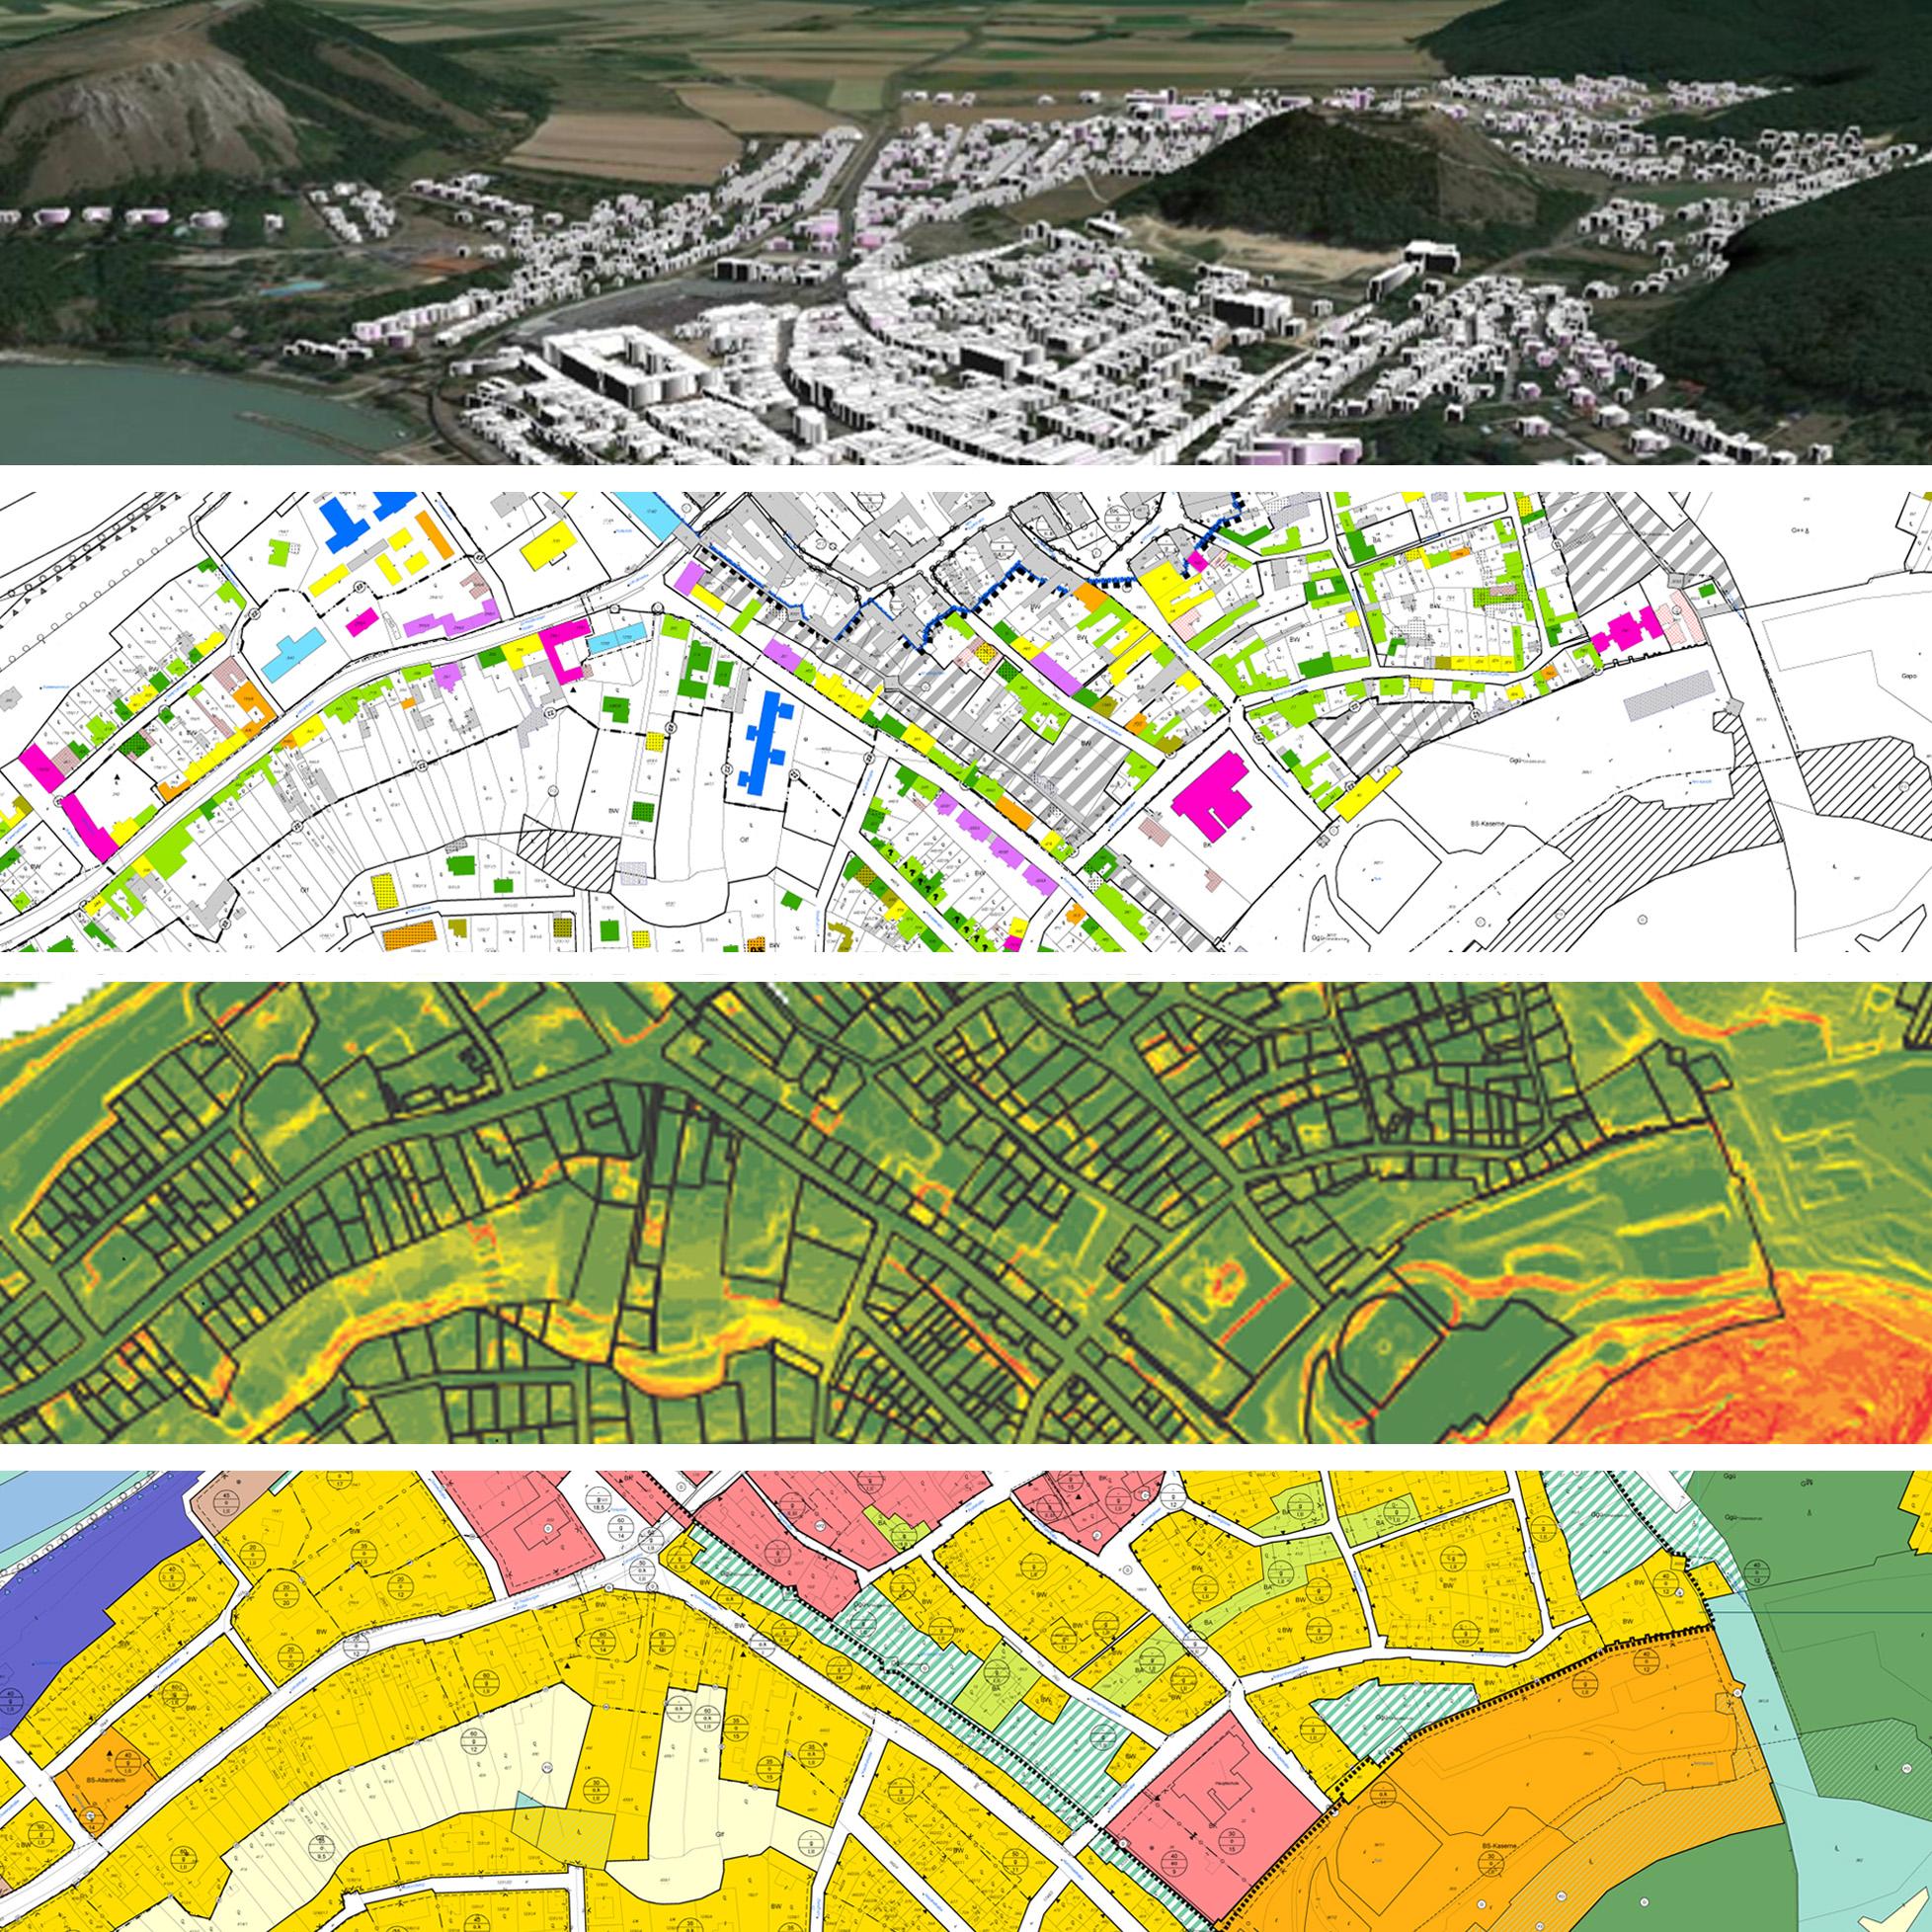 Ausschnitte aus der Grundlagenforschung zum Bebauungsplan Hainburg/Donau